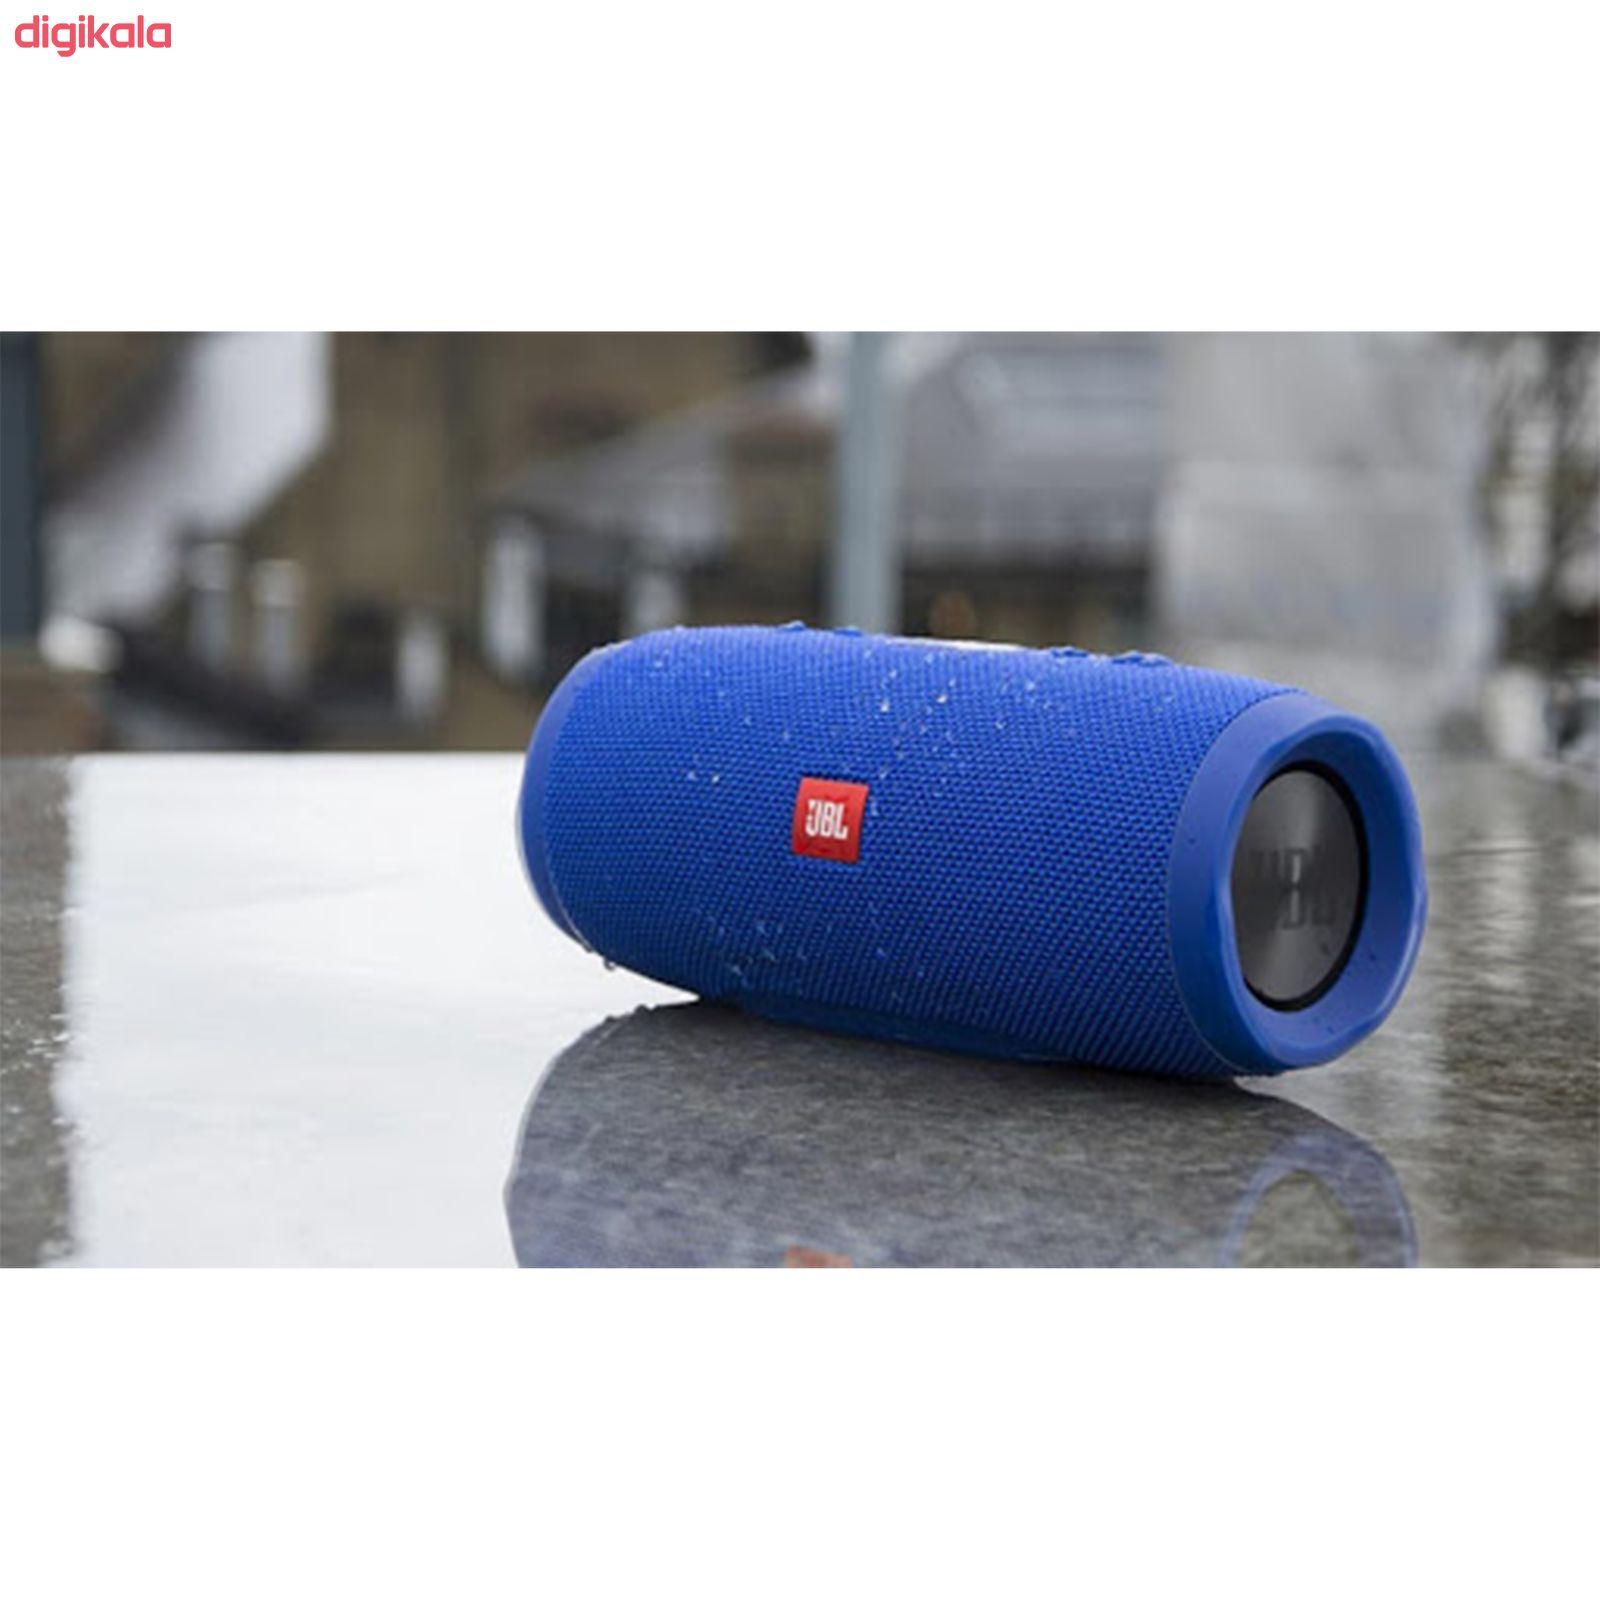 اسپیکر بلوتوثی قابل حمل جی بی ال مدل Charge 4 main 1 17